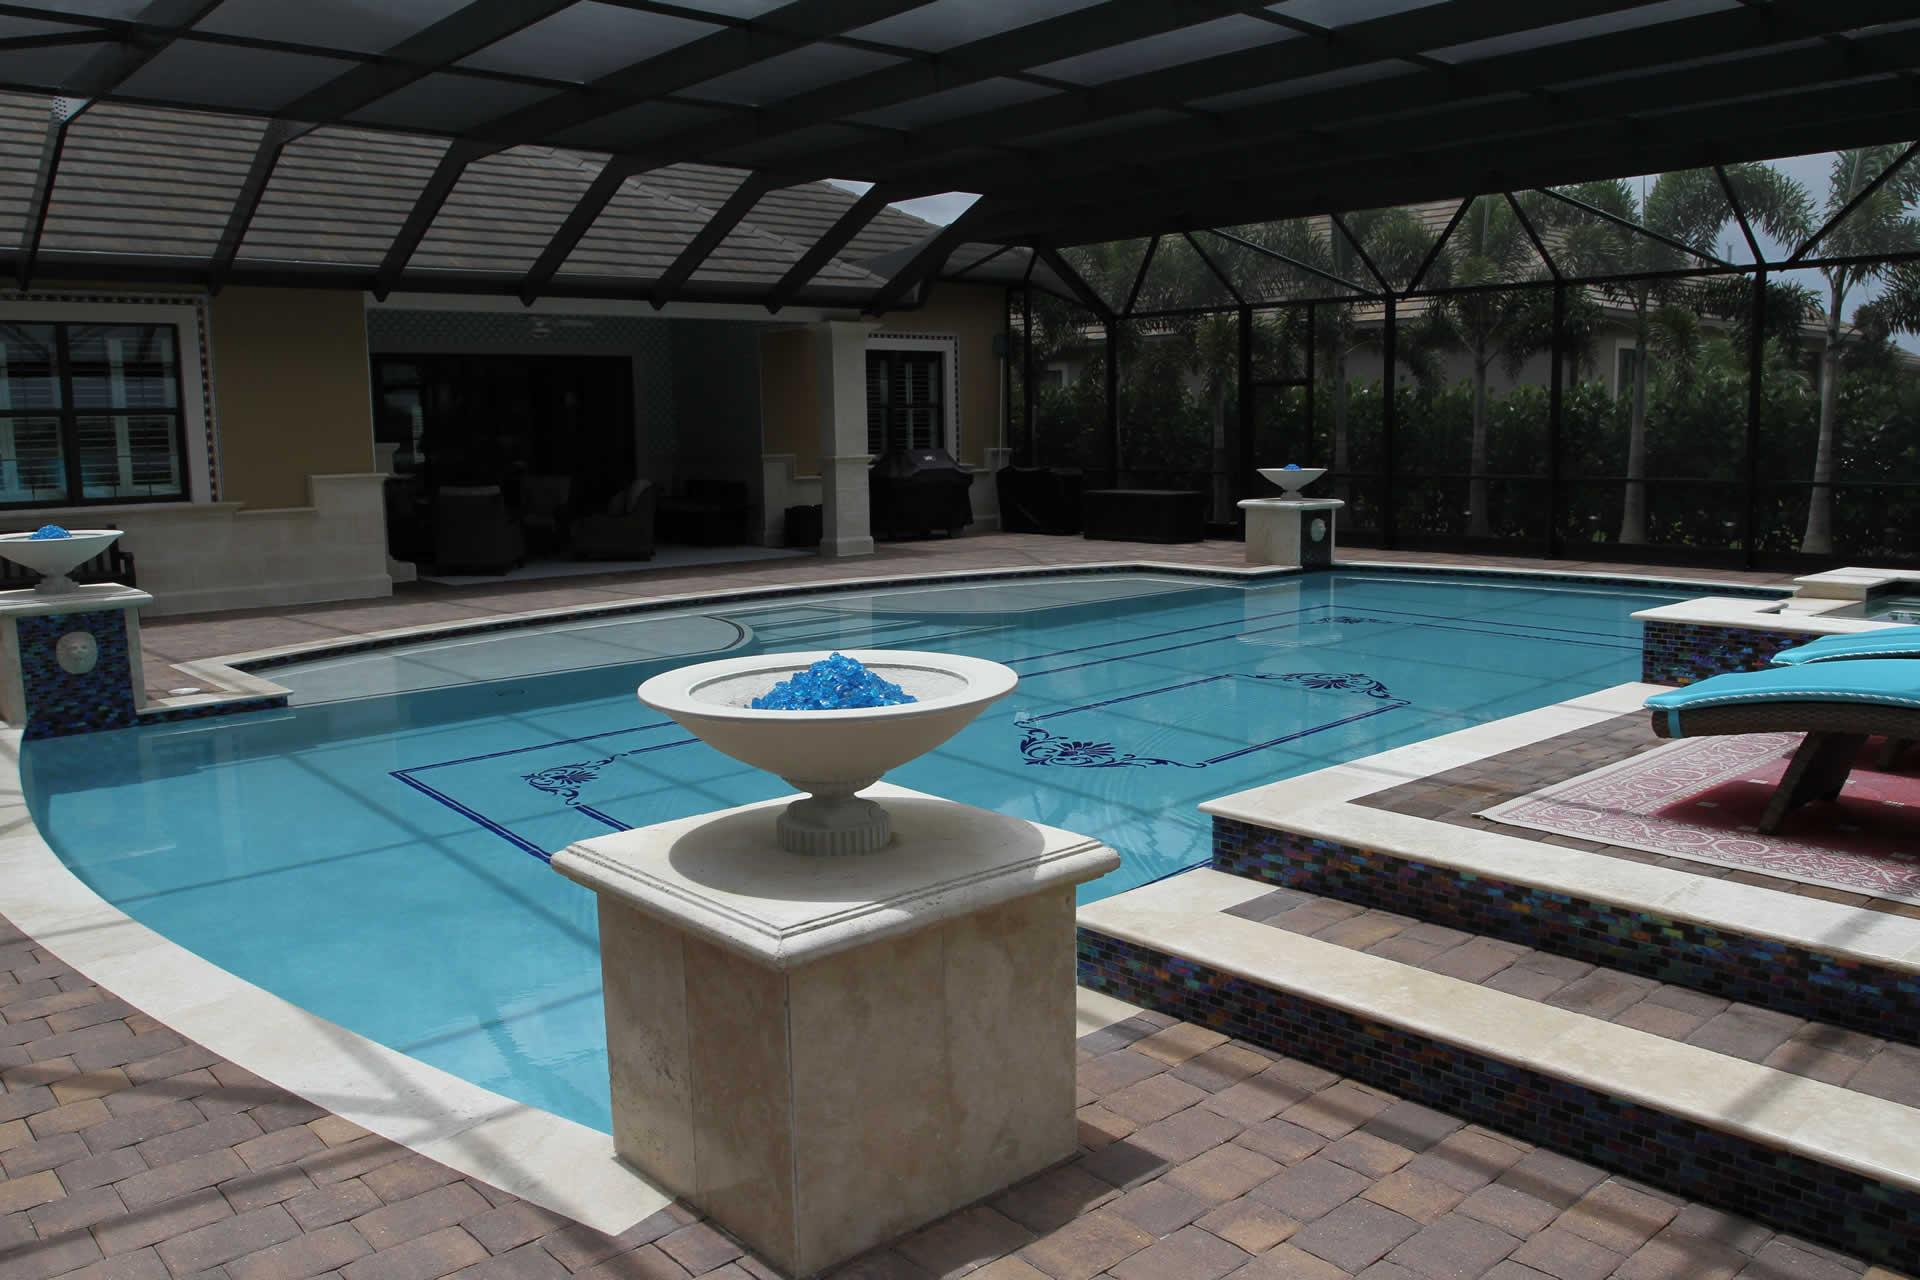 New Swimming Pools - Treasure Pools